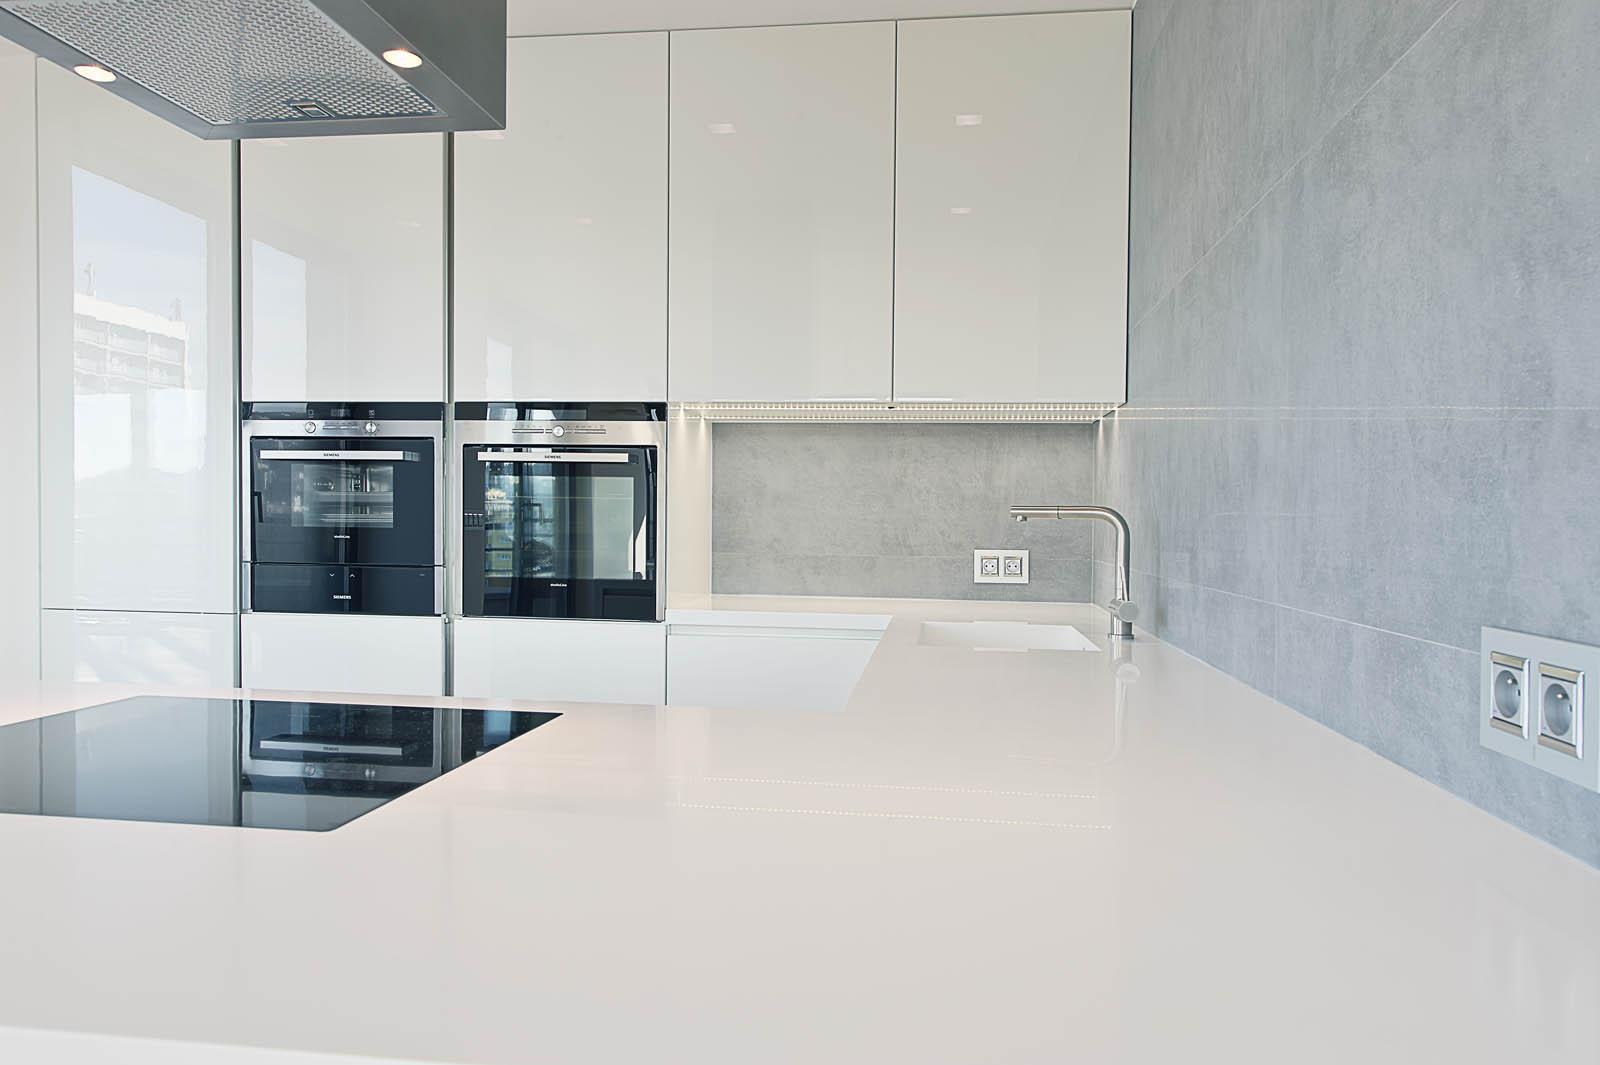 Realizace osvětlení v kuchyni, kterou zpracovala firma Indeco.